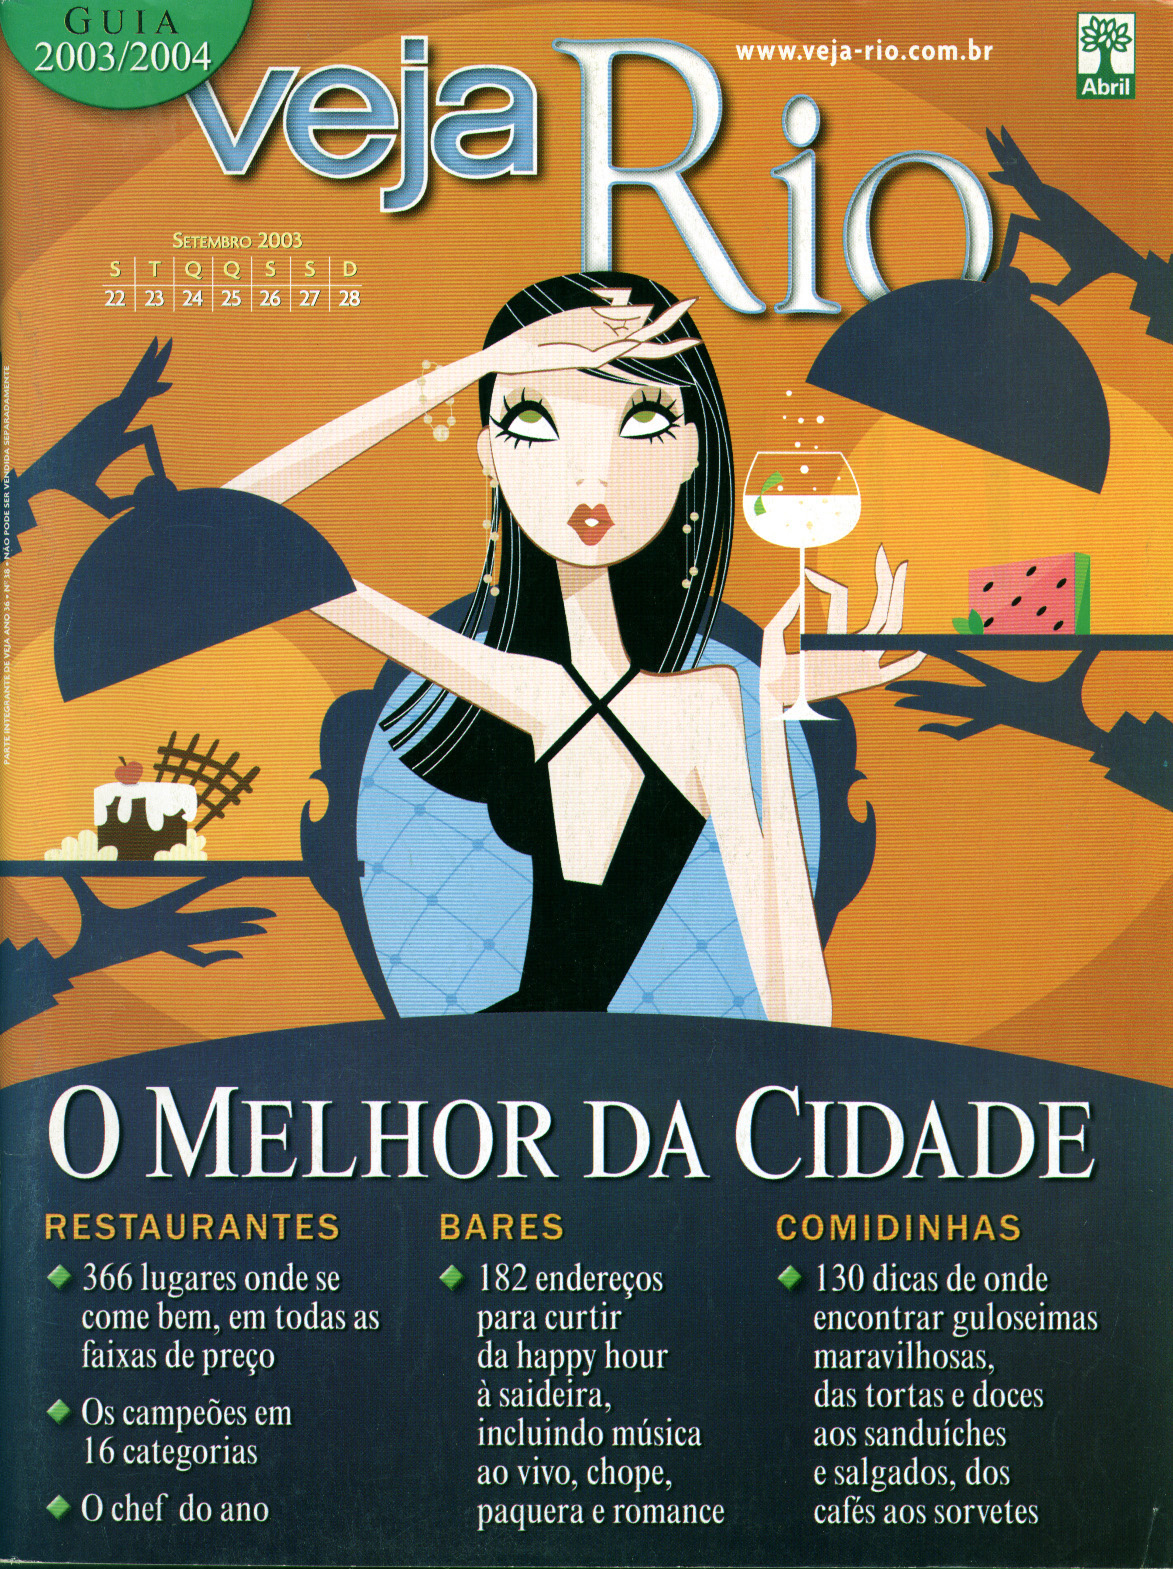 Capa da revista Veja Rio Especial O Melhor da Cidade, de 24 de setembro de 2003